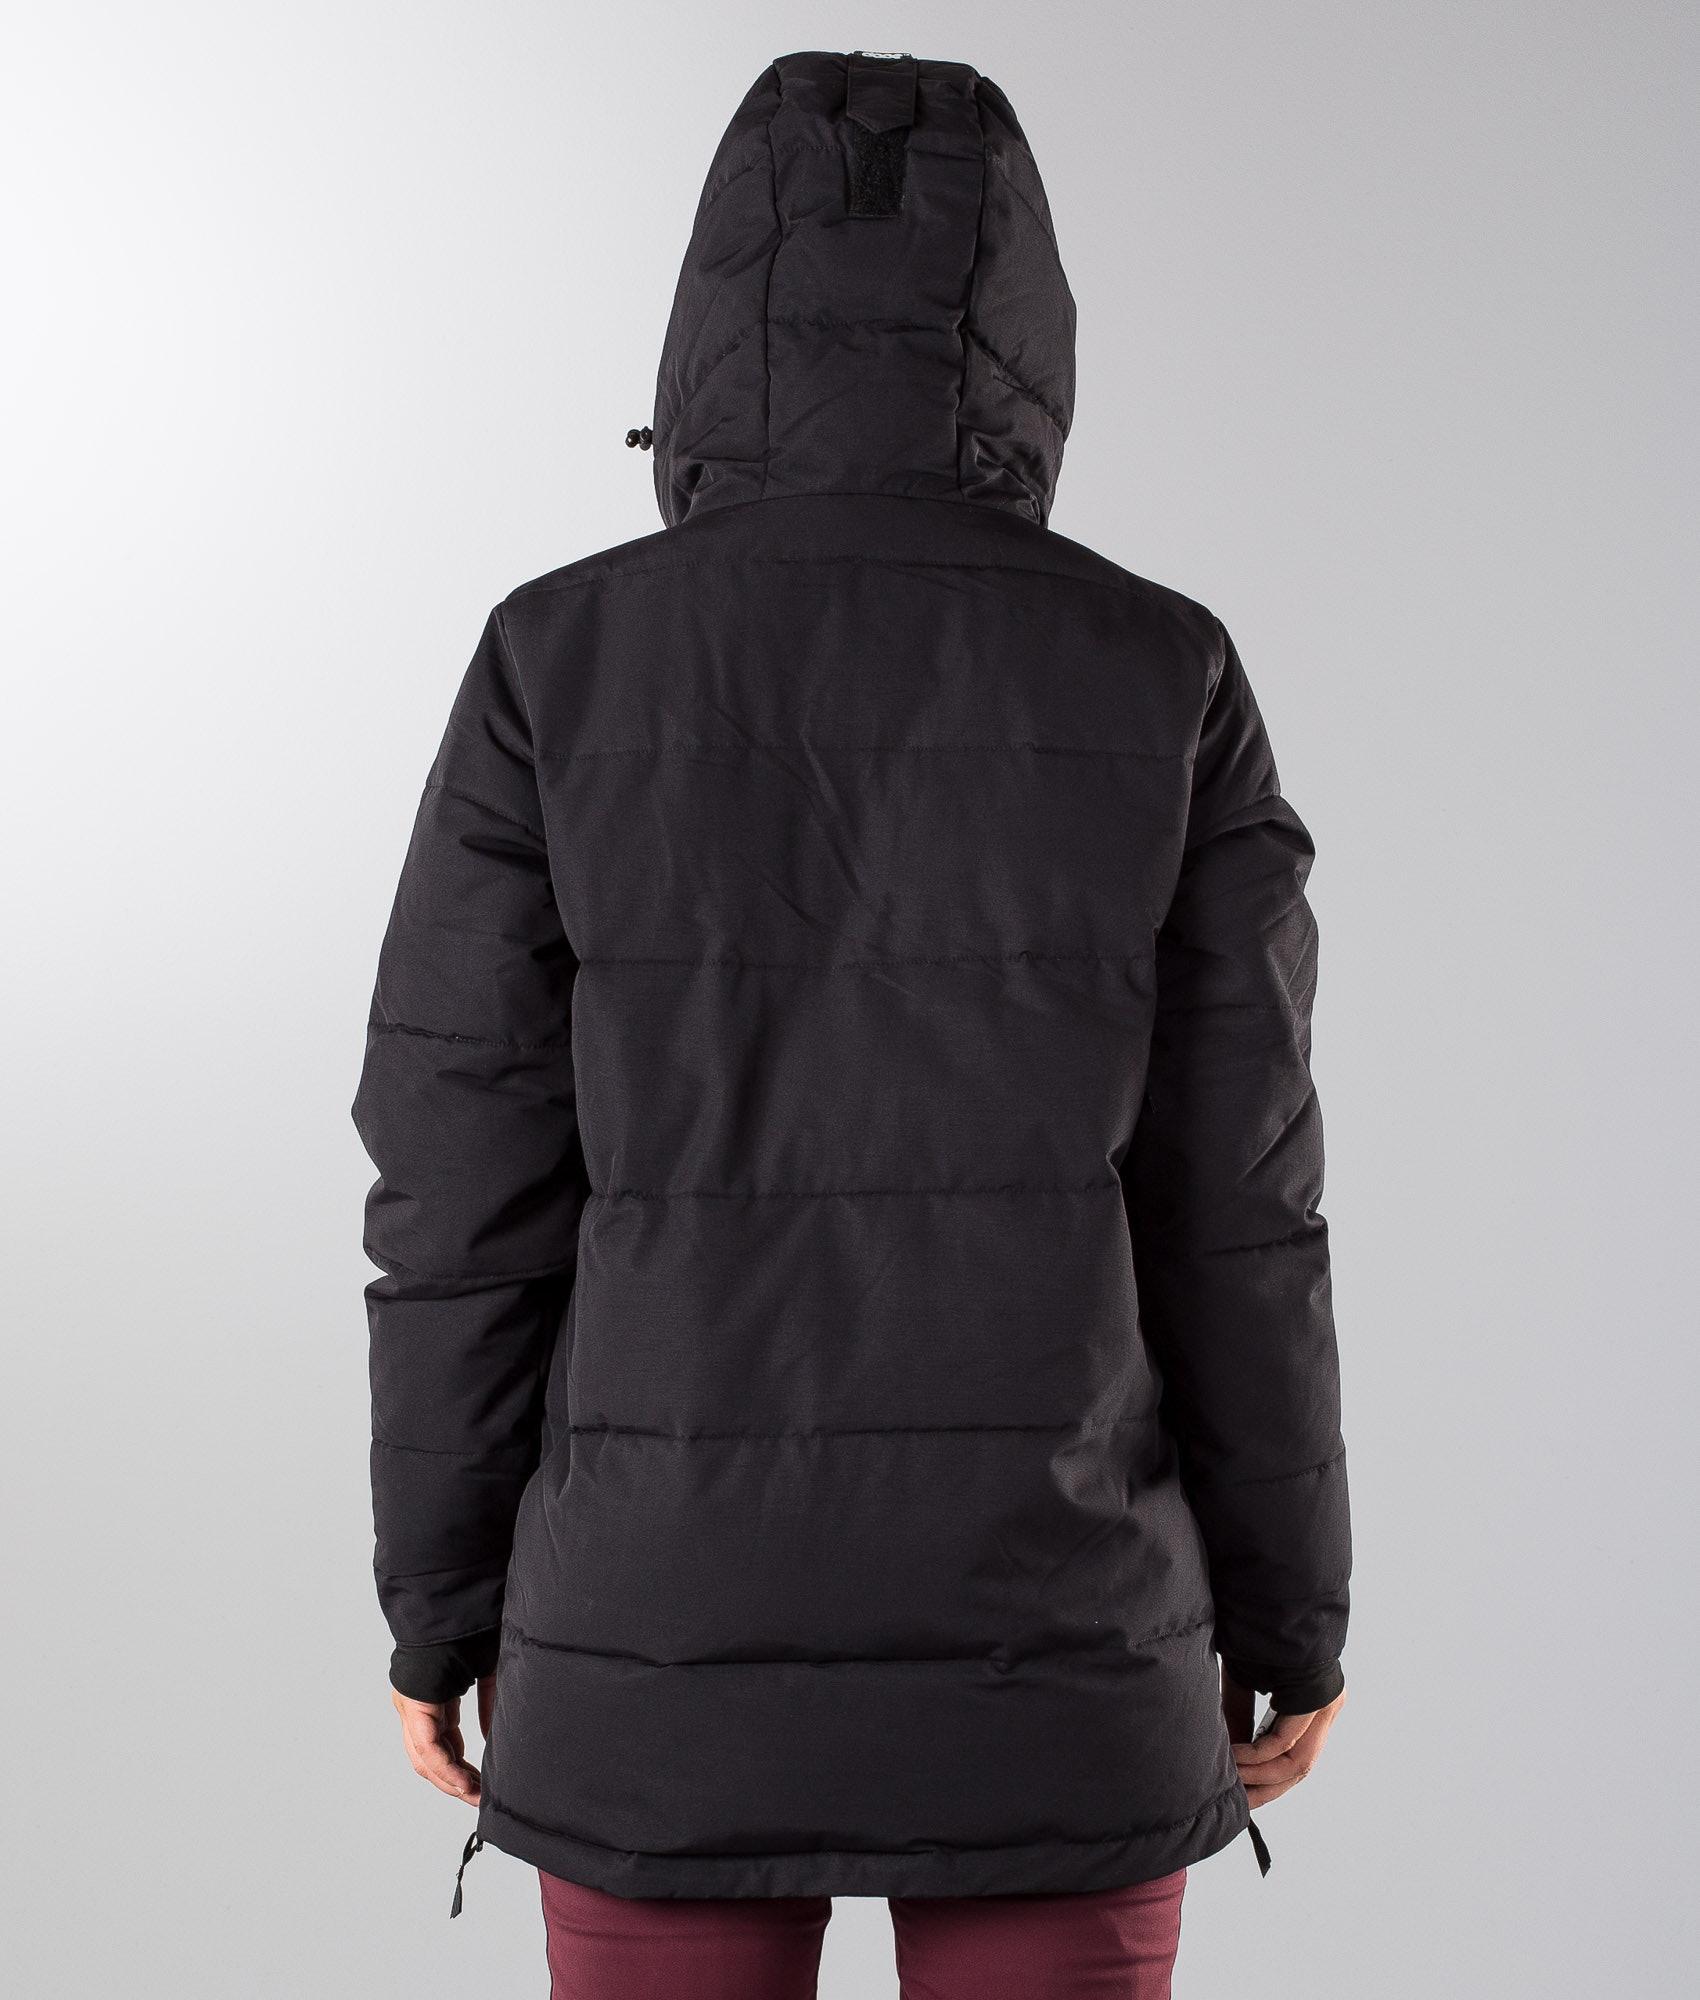 f1ac7a5e2f9f Dope Puffer W Snowboard Jacket Black - Ridestore.com